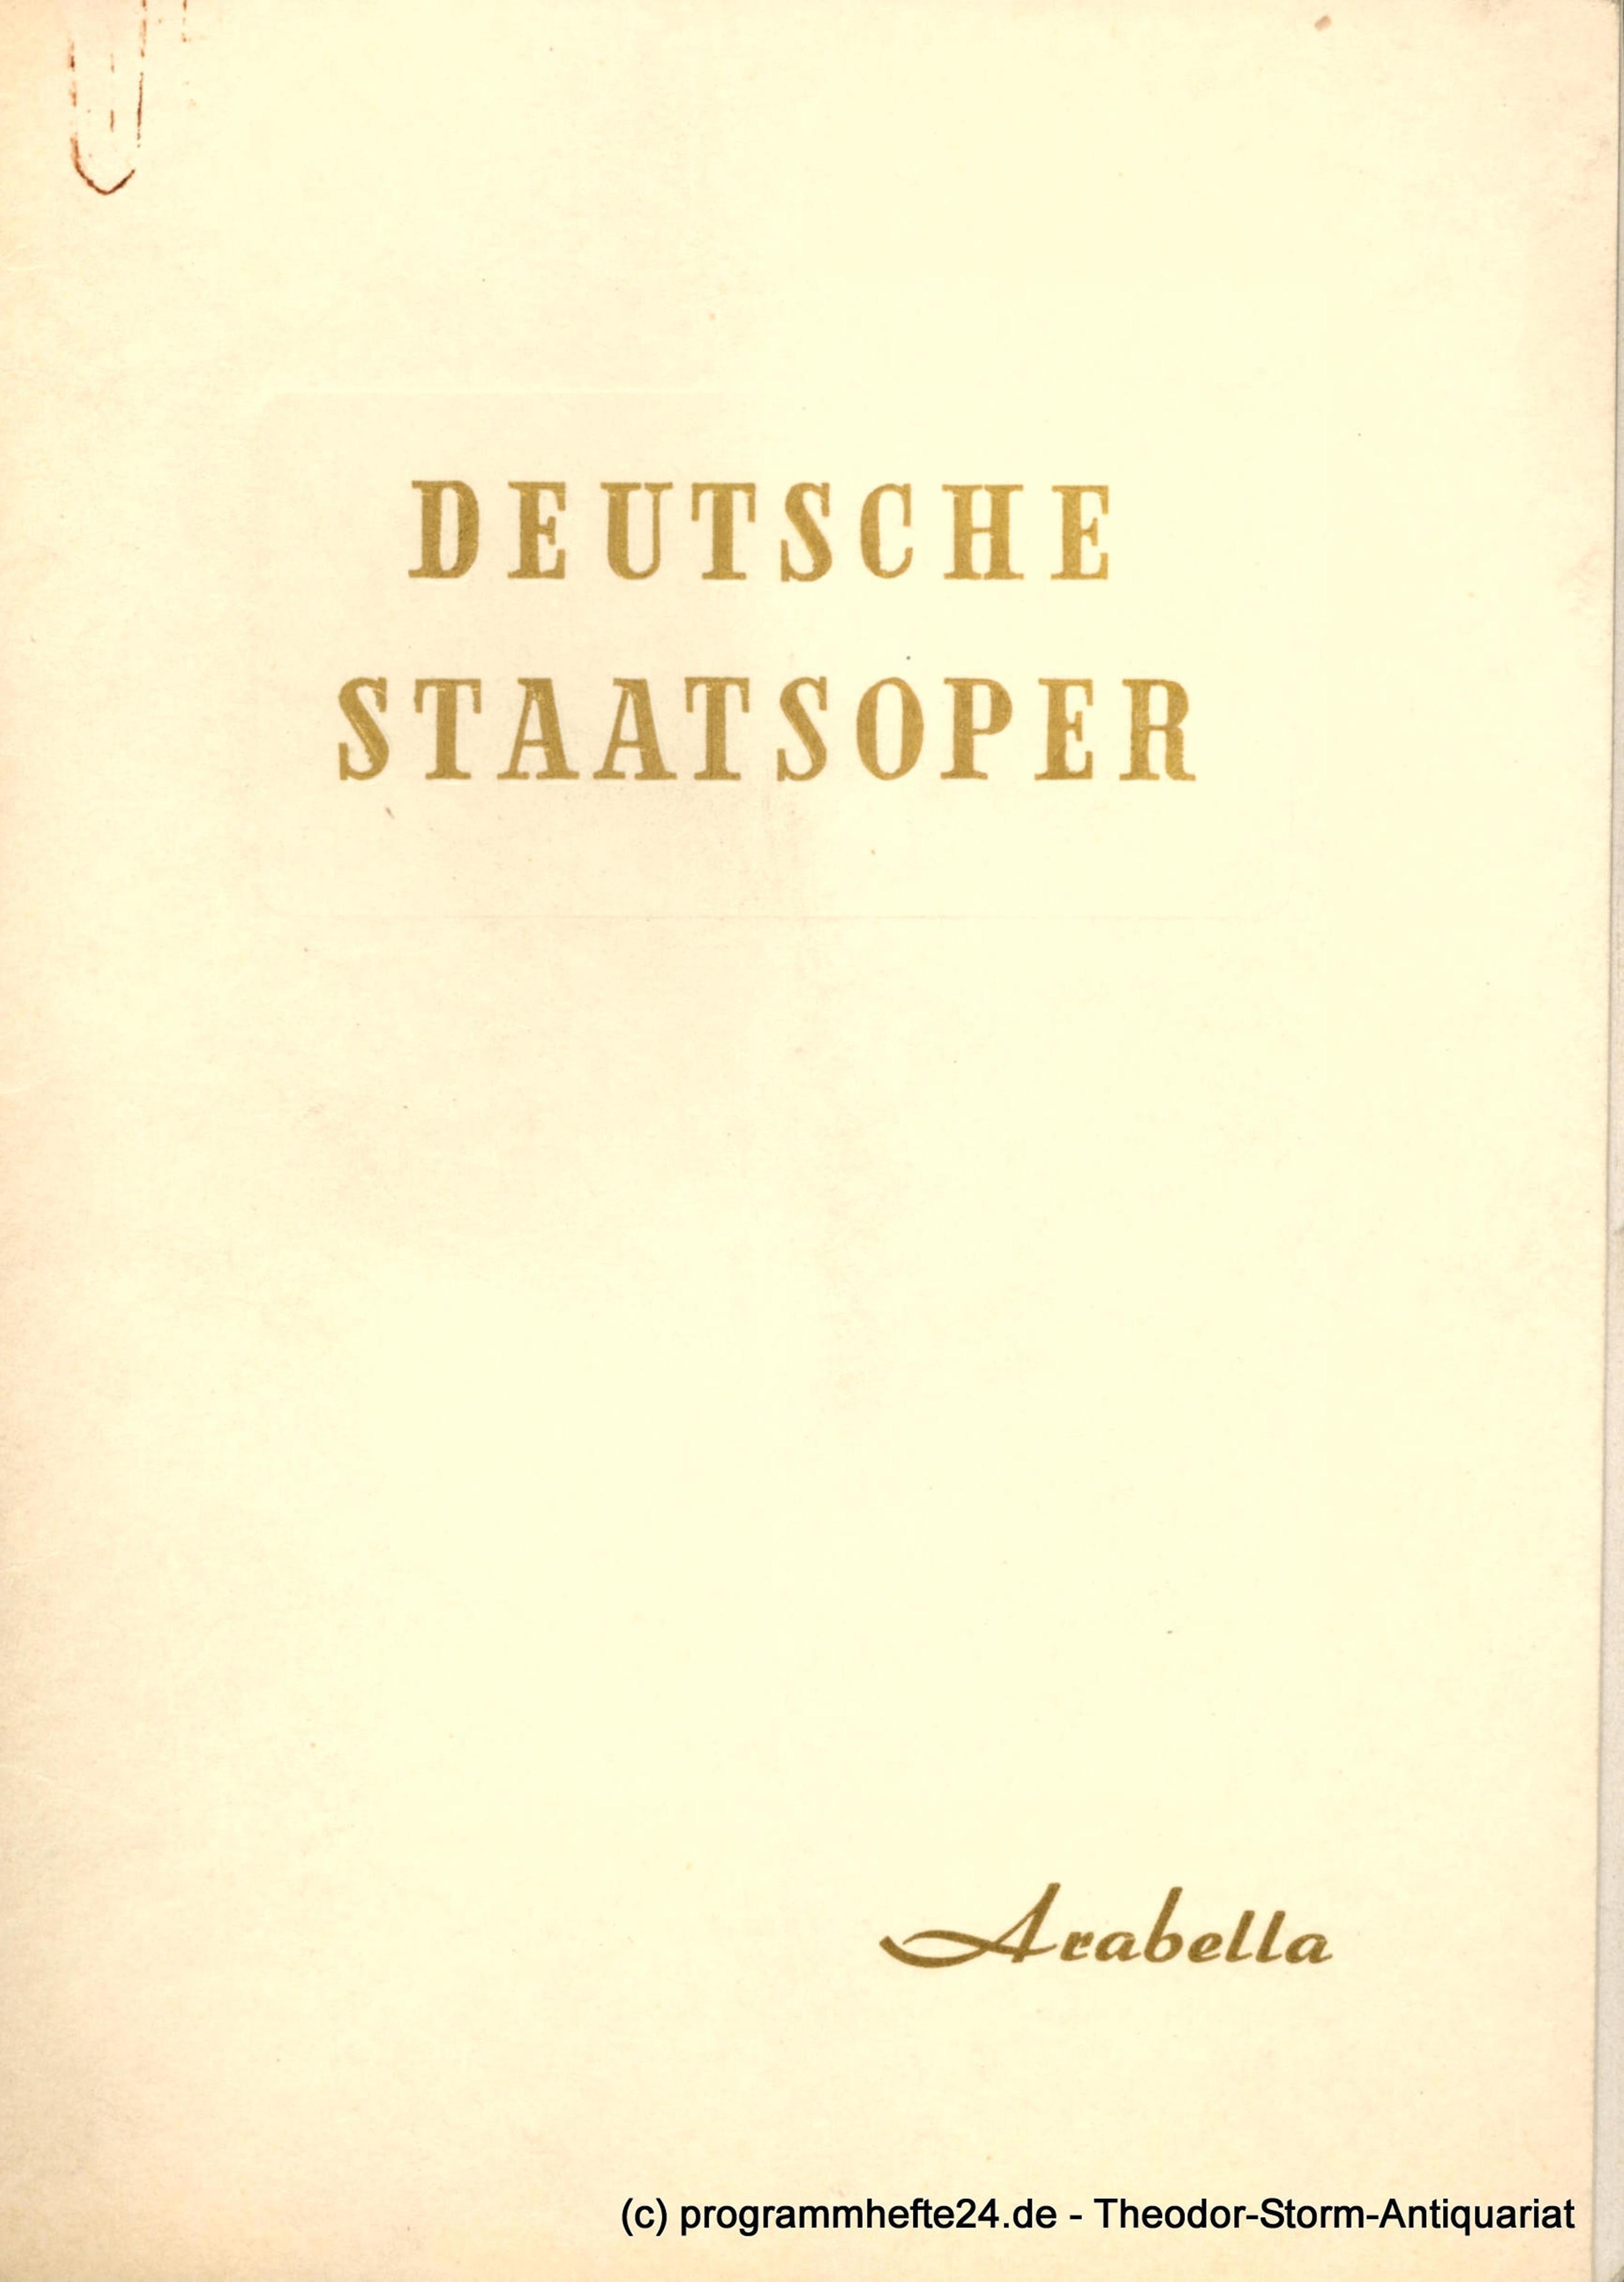 Programmheft Arabella. Deutsche Staatsoper Berlin 1951